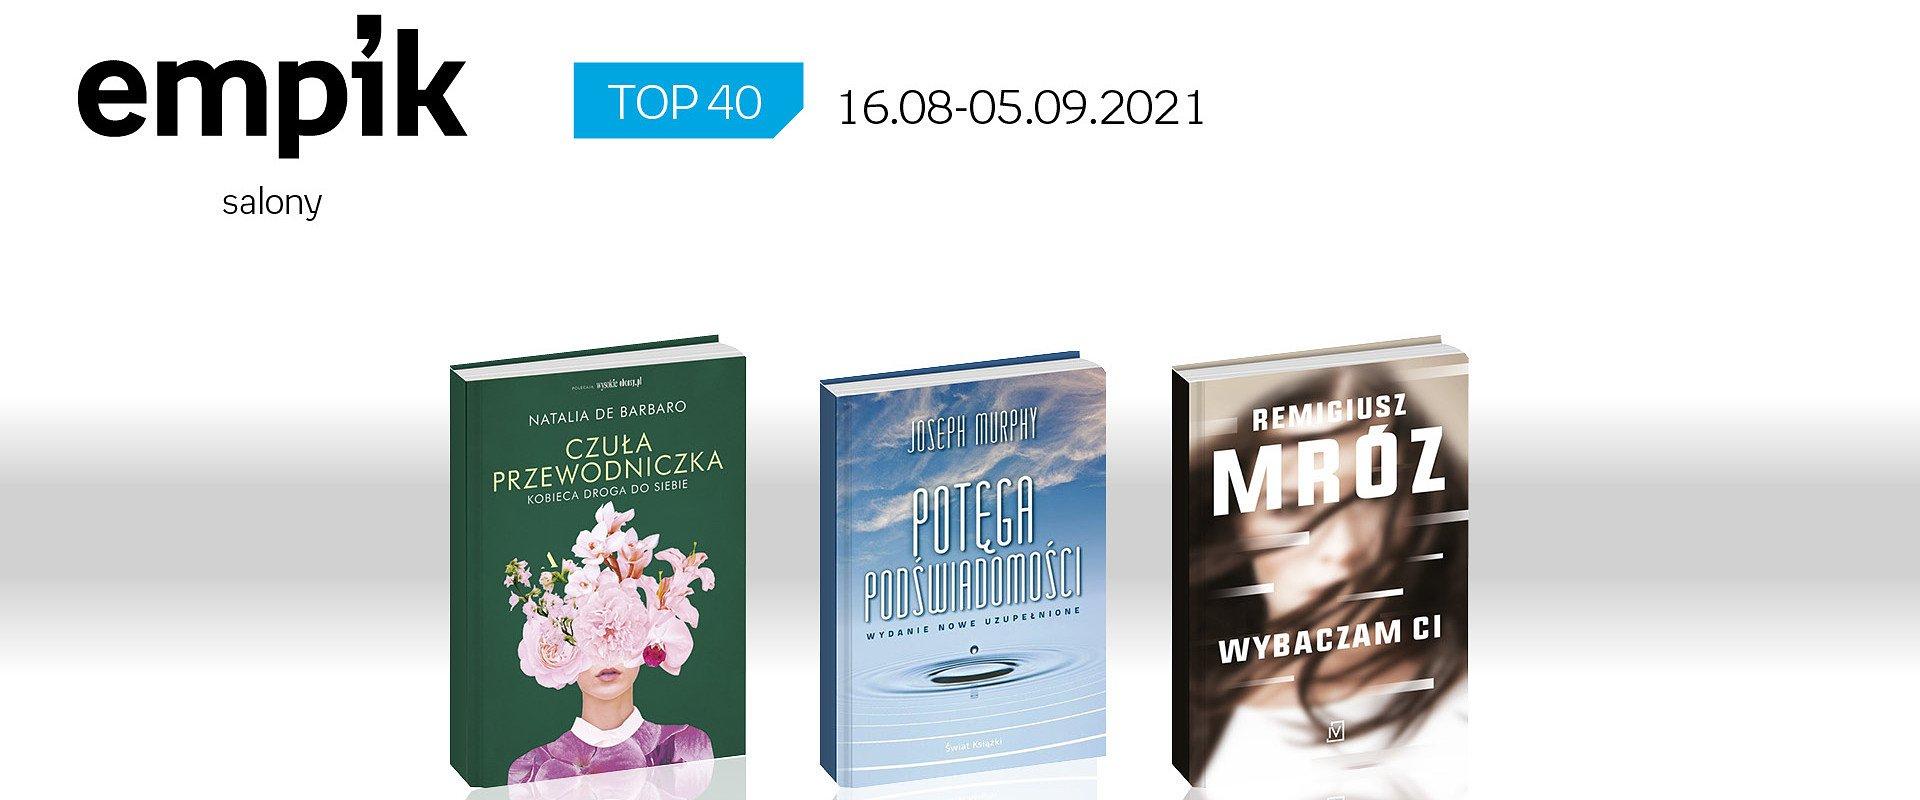 Książkowa lista TOP40 w salonach Empik za okres 16 sierpnia - 5 września